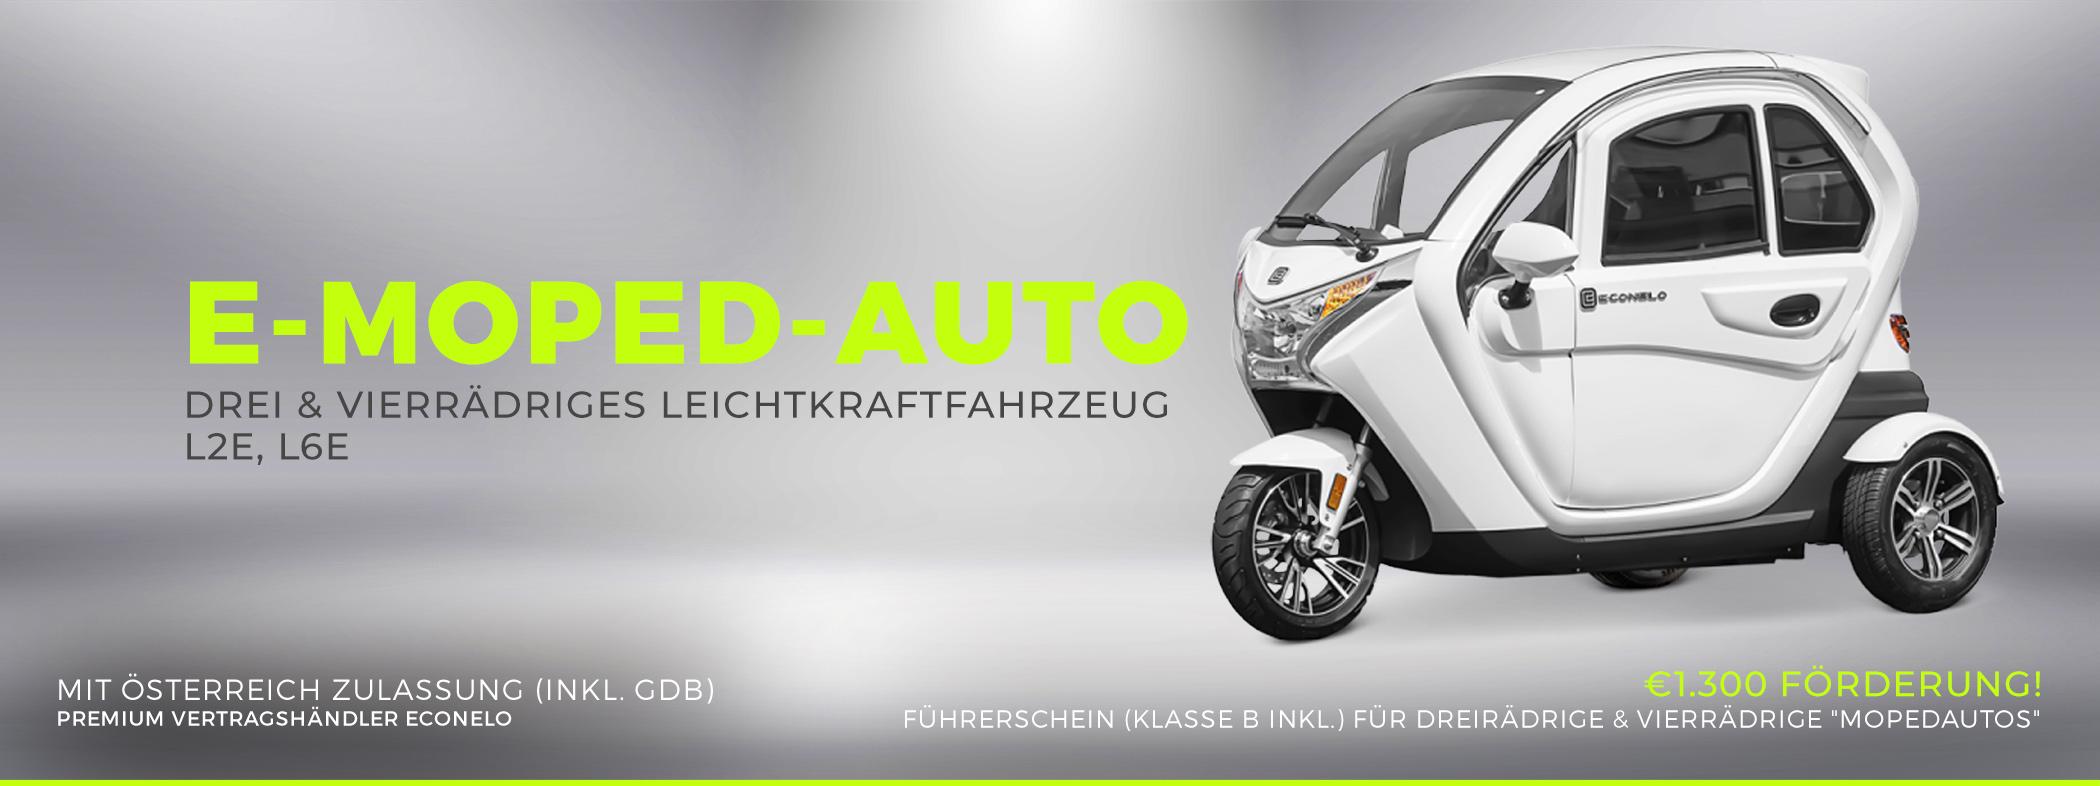 E-Moped-Auto